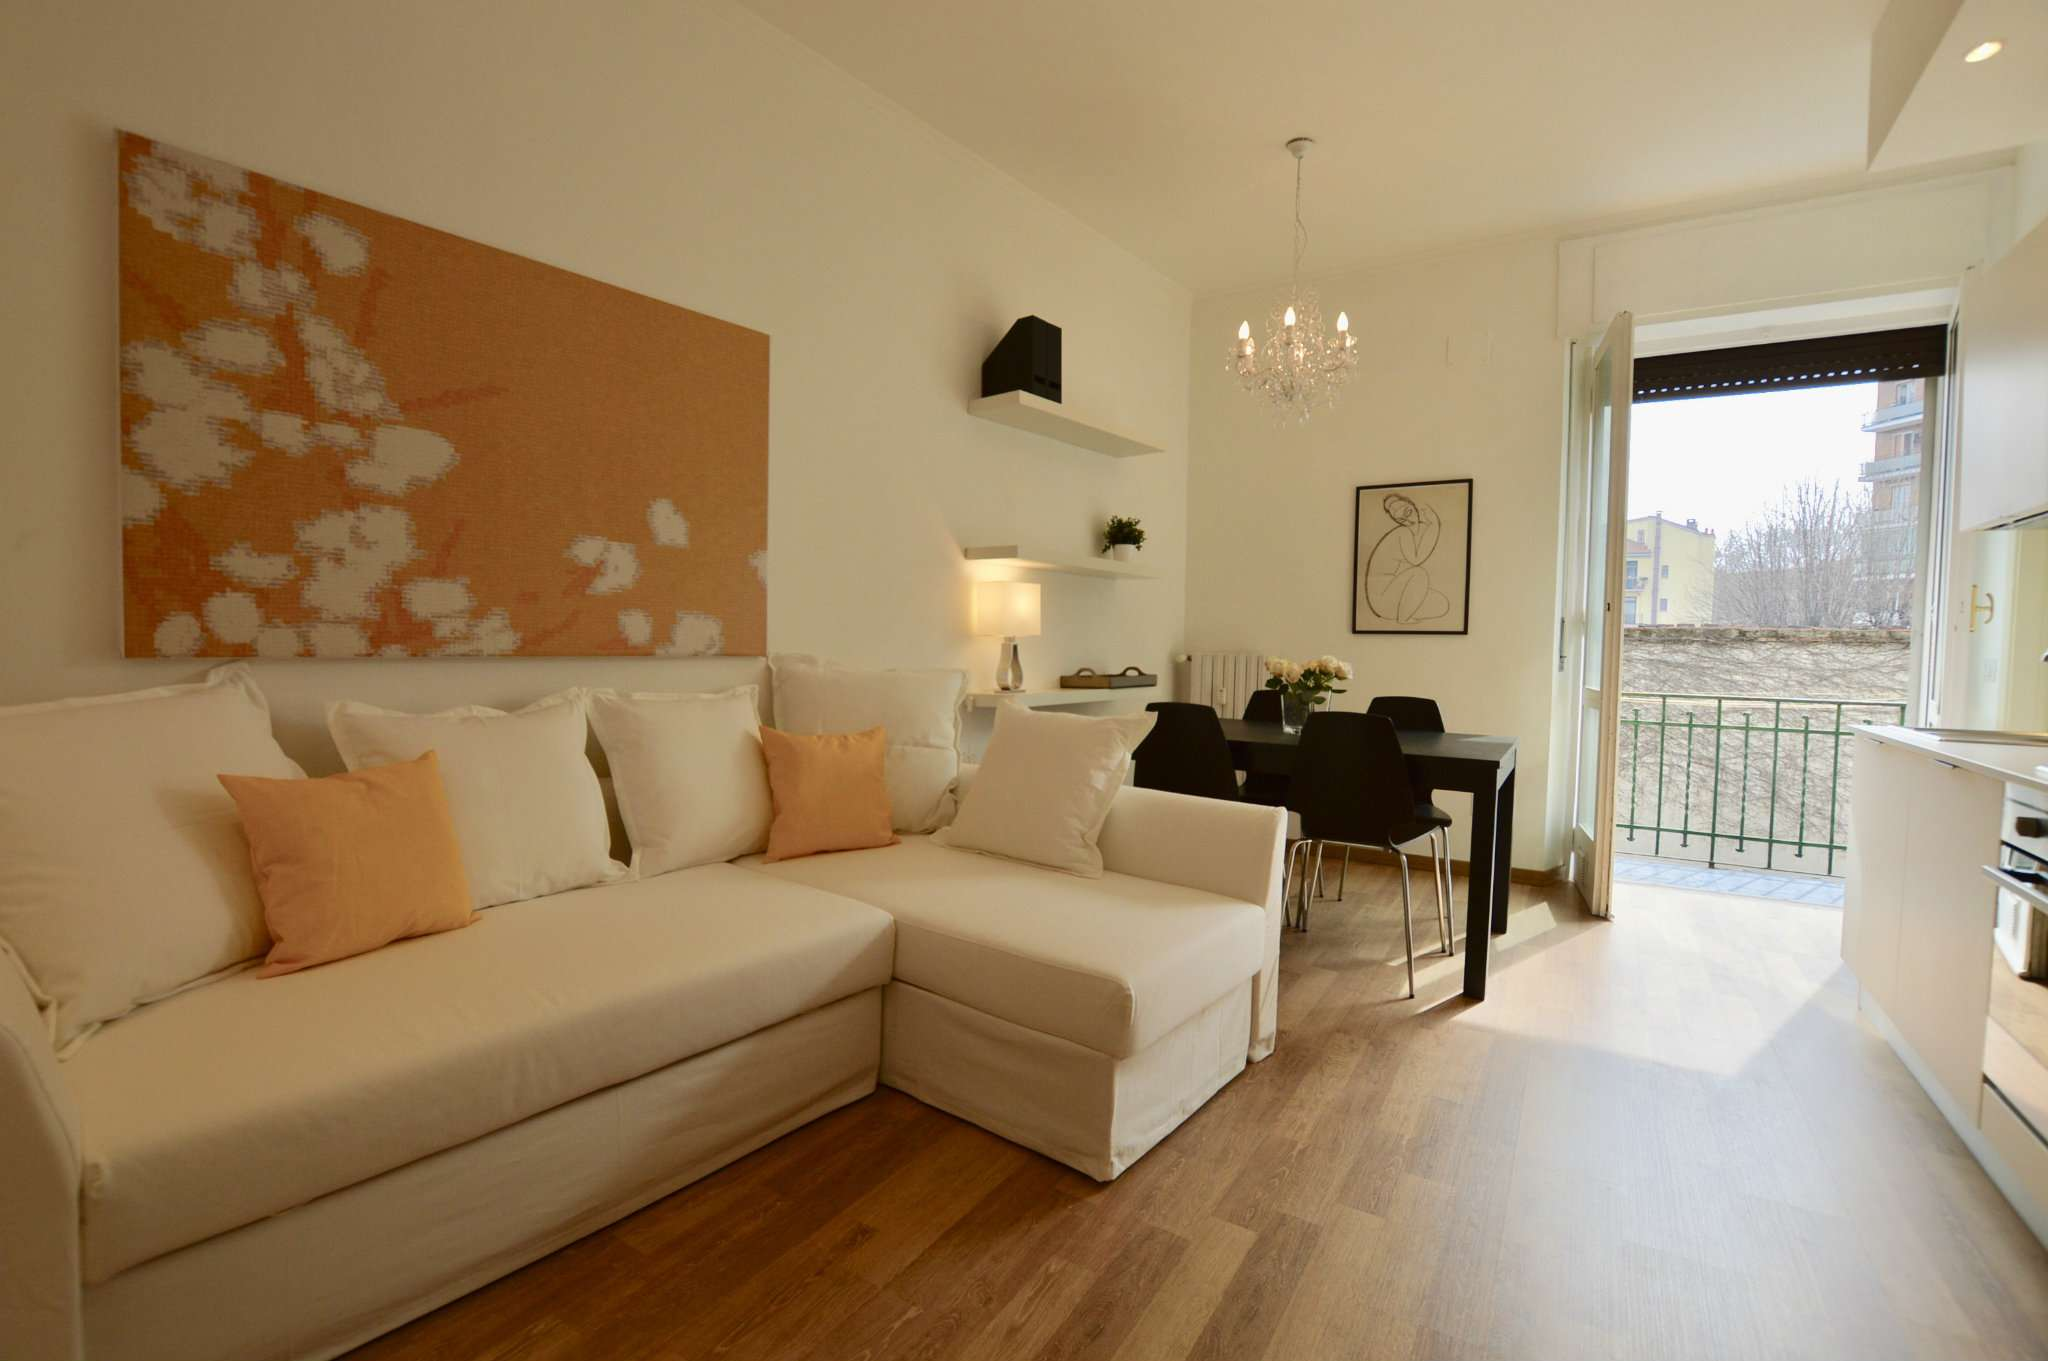 Appartamento in Vendita a Milano 28 Vialba / Musocco / Lampugnano: 3 locali, 70 mq